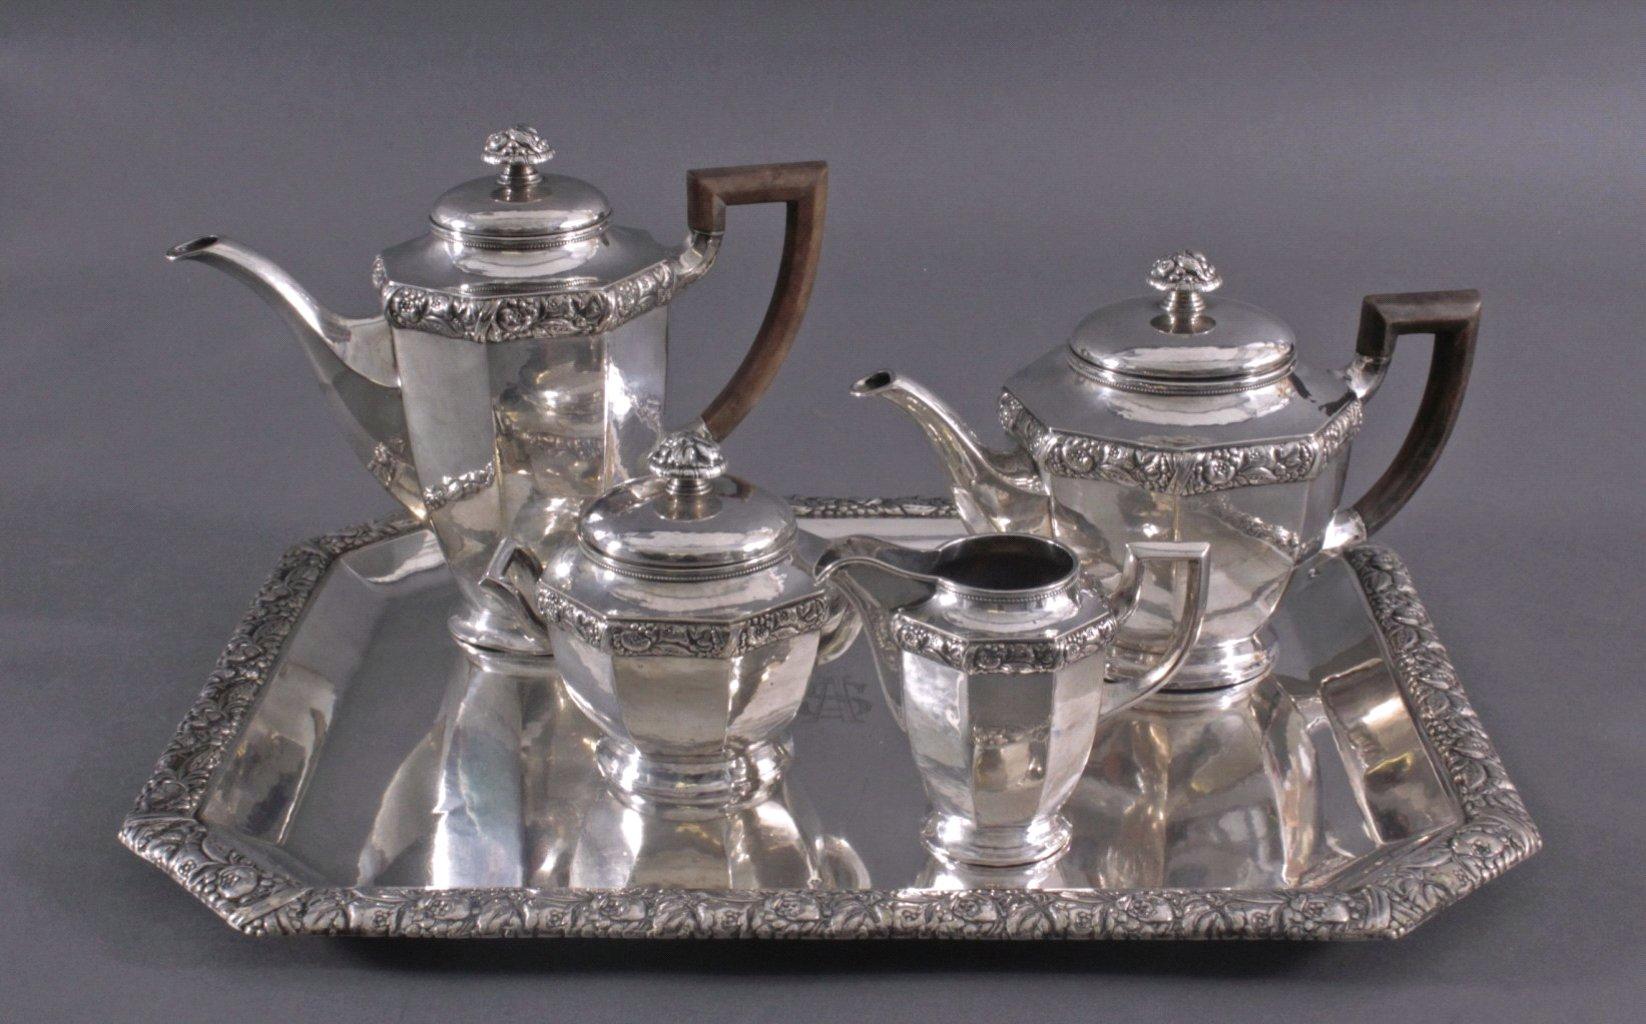 Kaffee- und Teekern, 5 teilig, Brückmann und Söhne